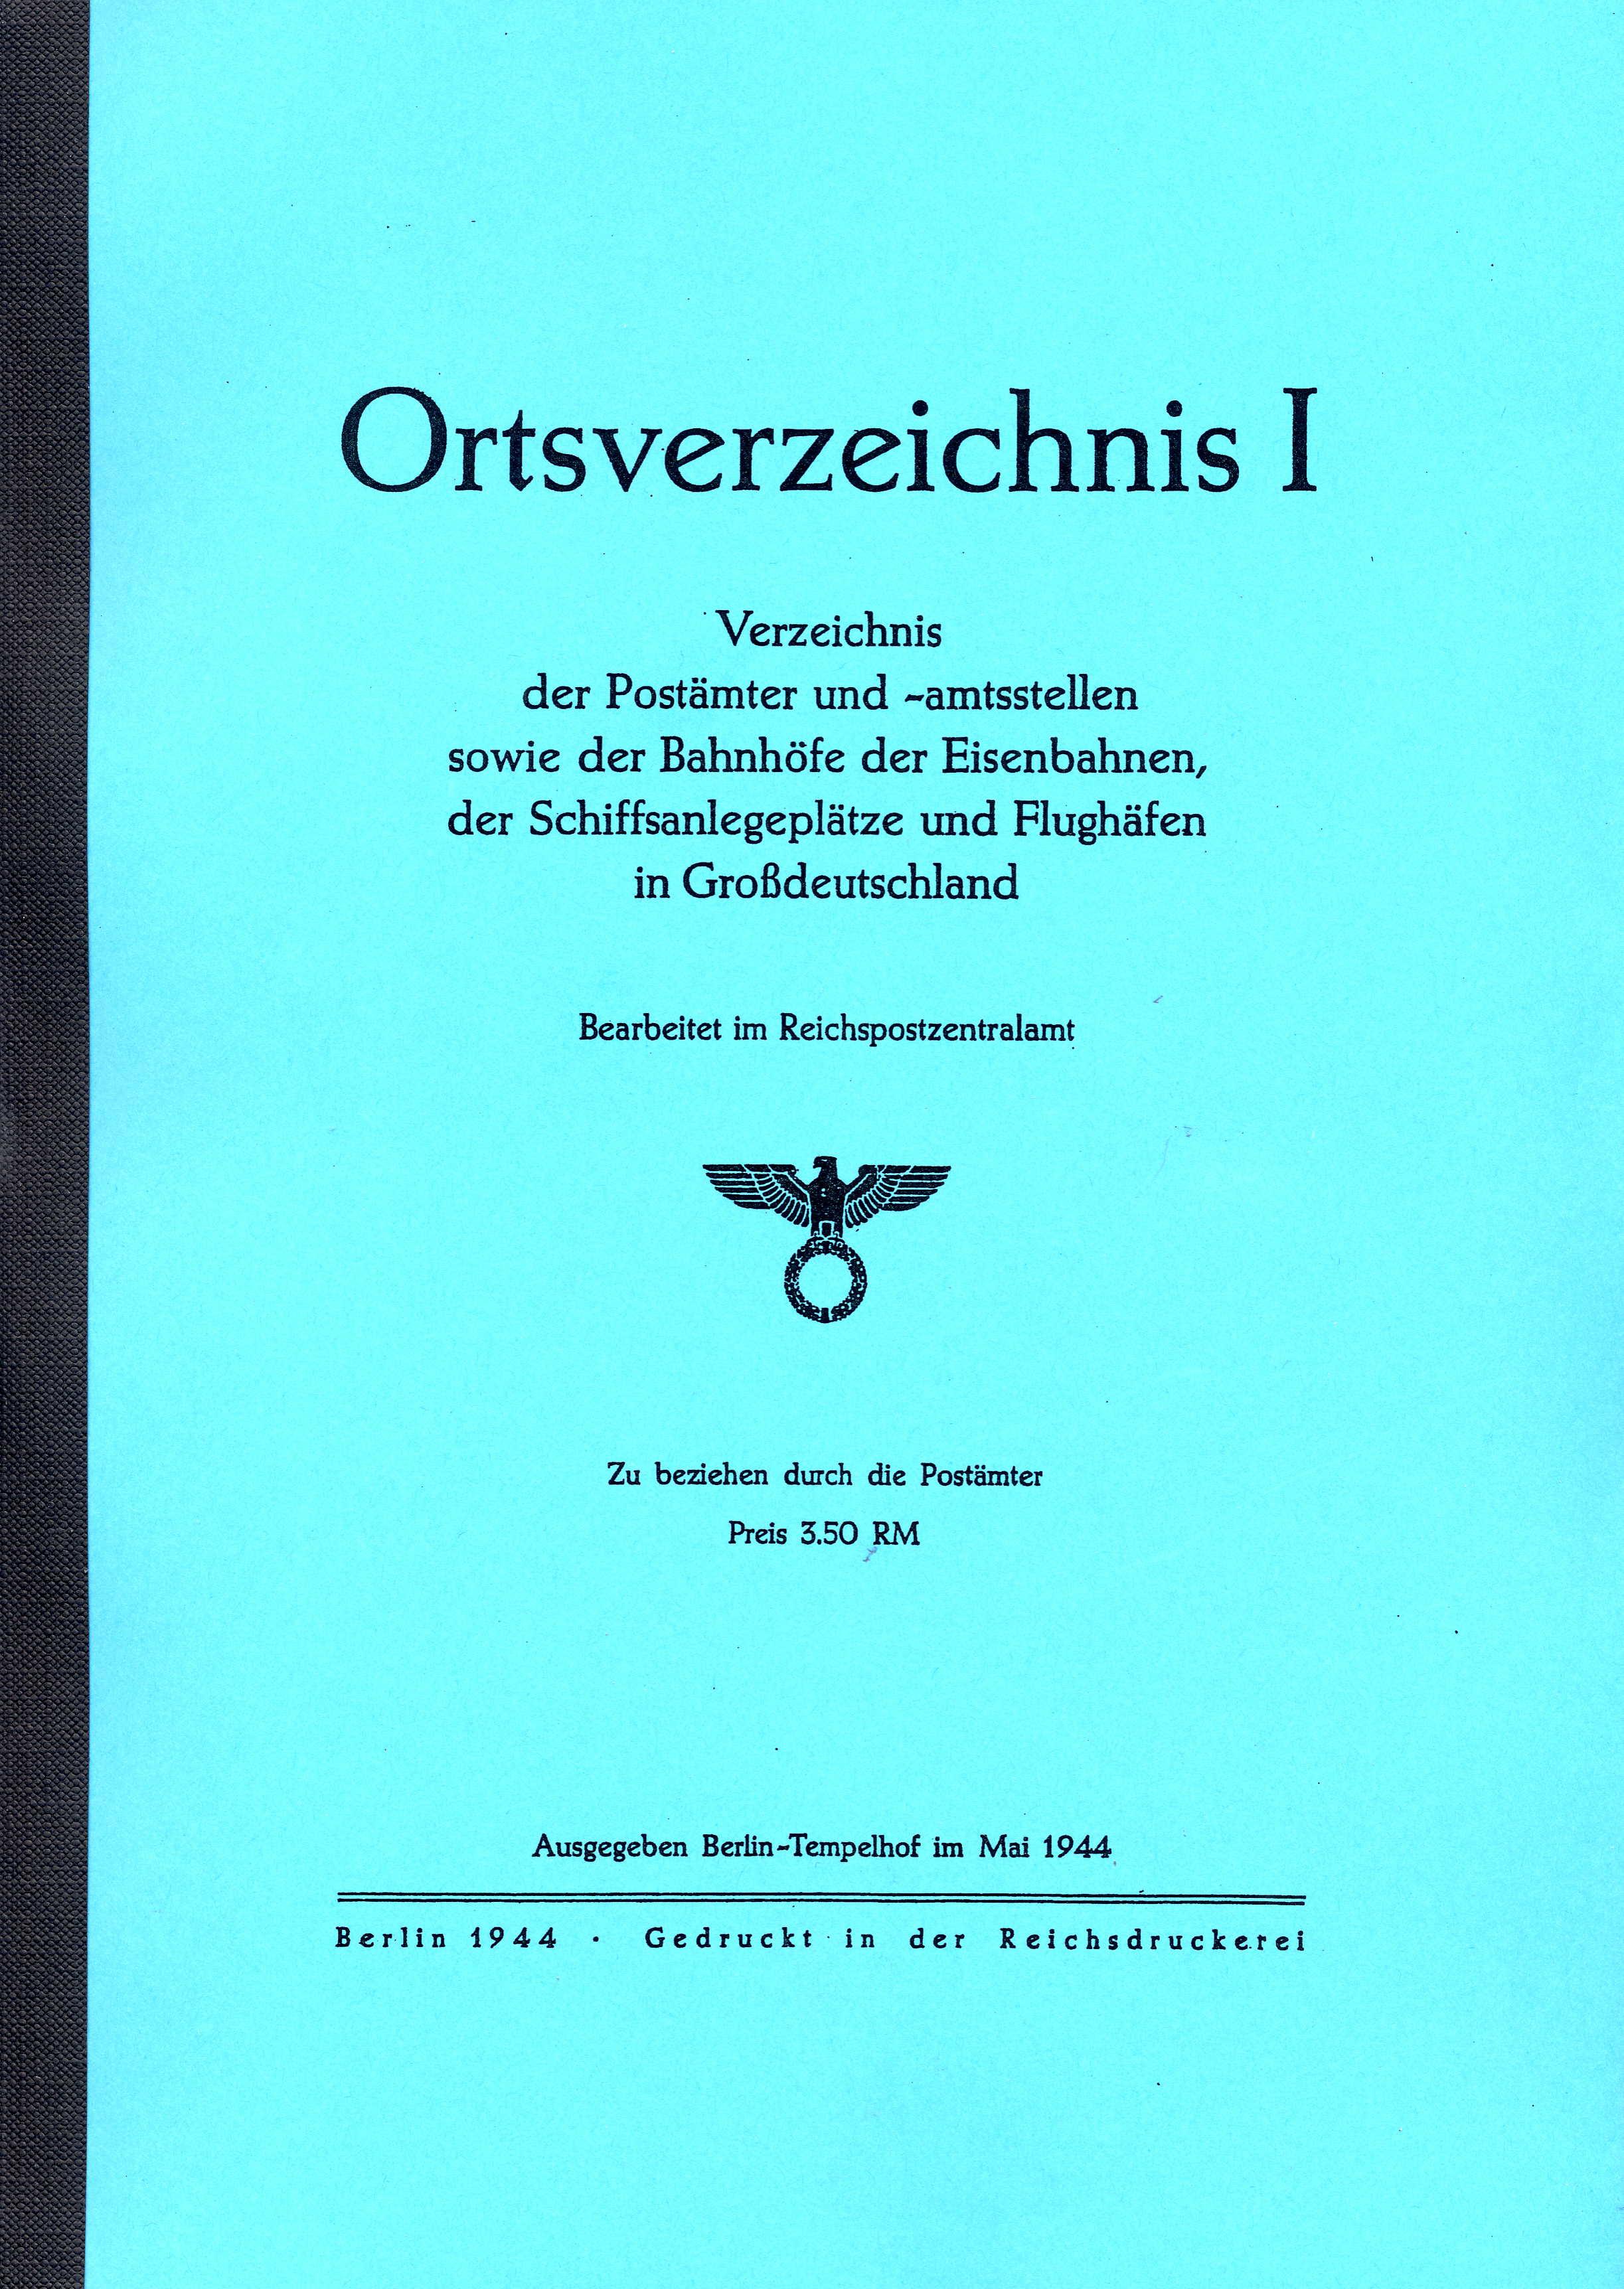 Ortsverzeichnis I (OV I) Großdeutschland